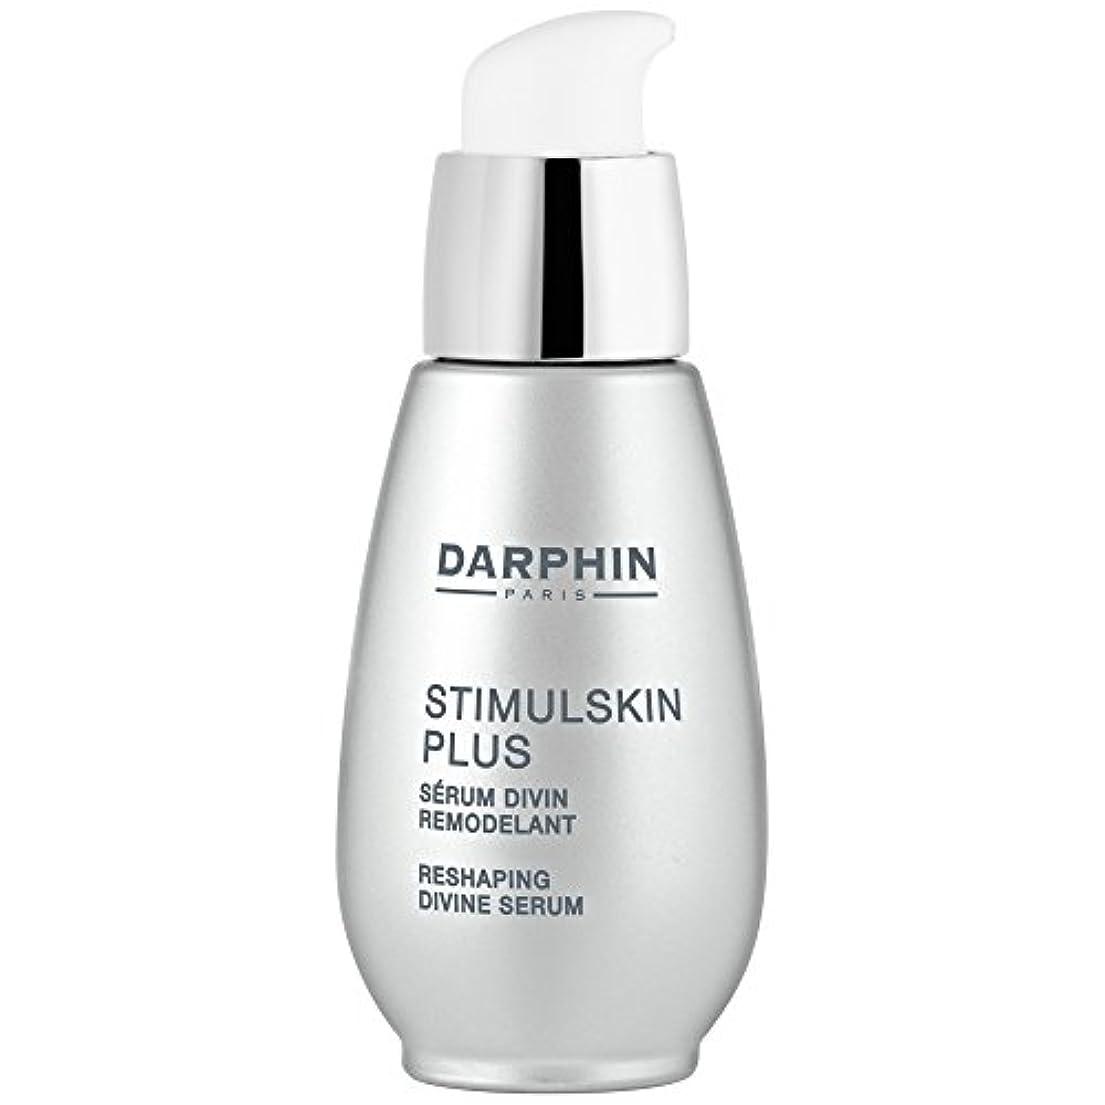 モールメトリックマイナスダルファンスティプラス神整形血清15ミリリットル (Darphin) (x6) - Darphin Stimulskin Plus Divine Reshaping Serum 15ml (Pack of 6) [並行輸入品]